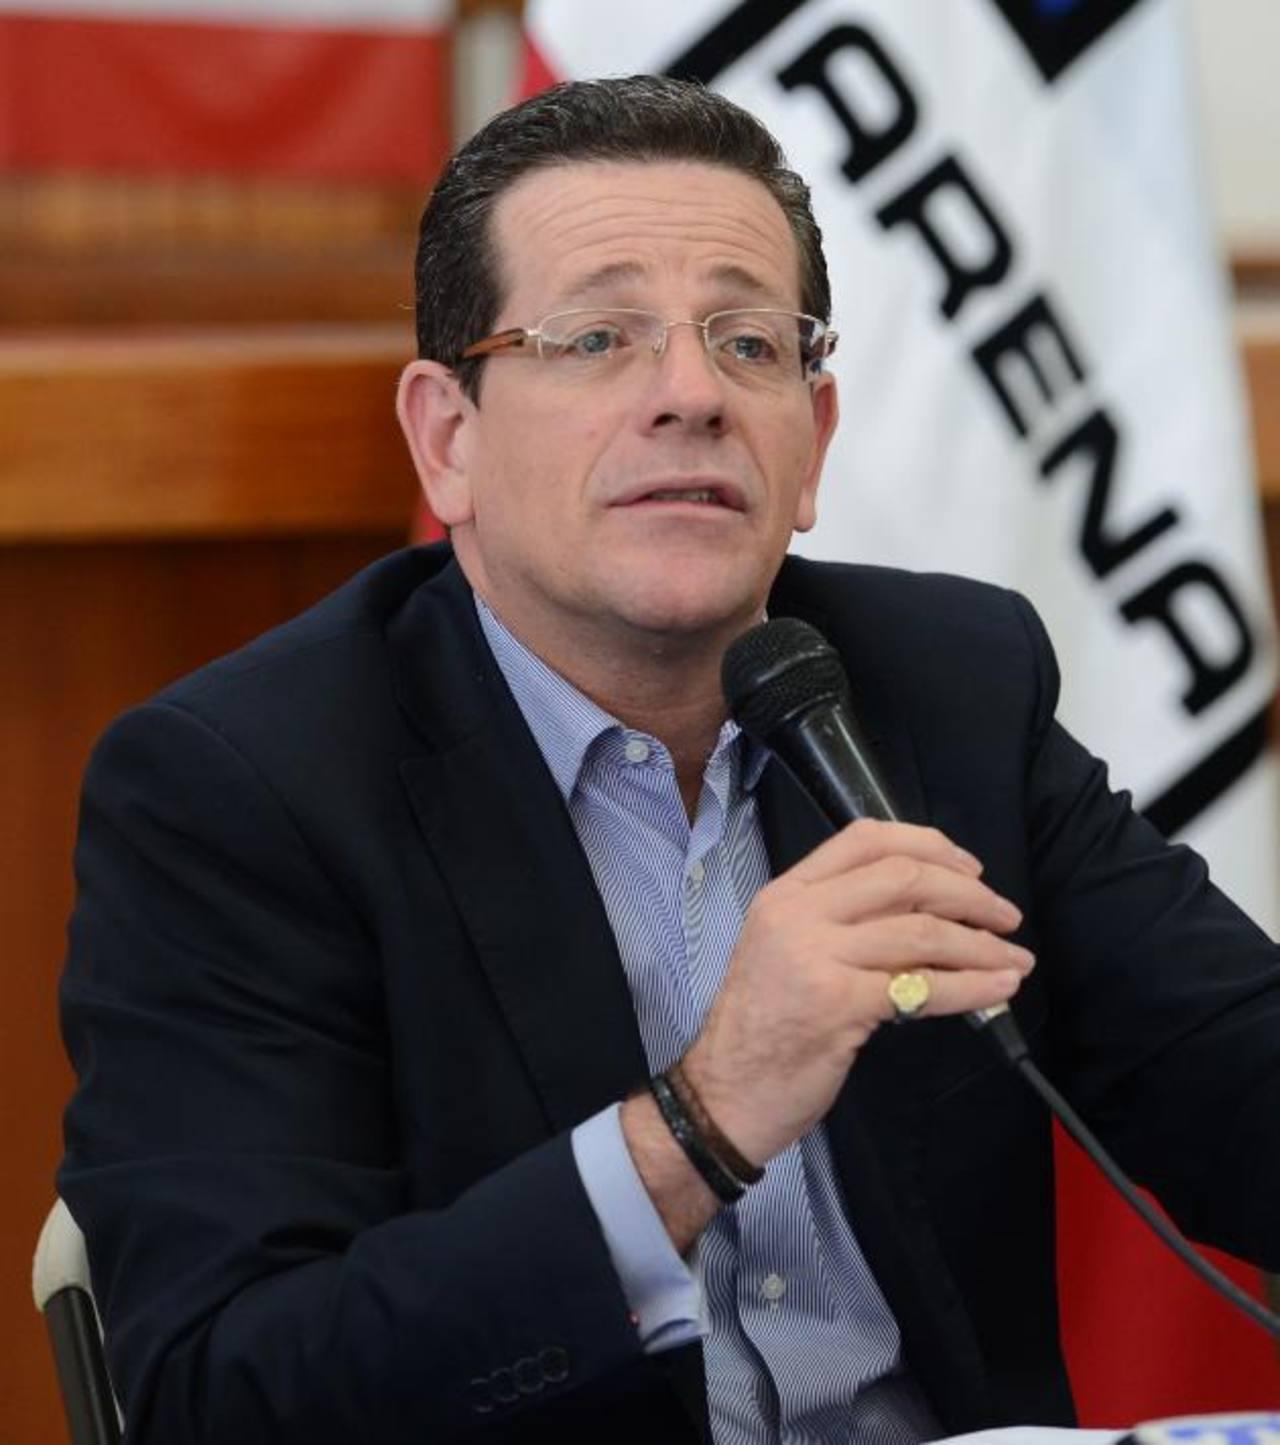 Jorge Velado, presidente del Coena, dijo que desconoce el paradero de Francisco Flores.